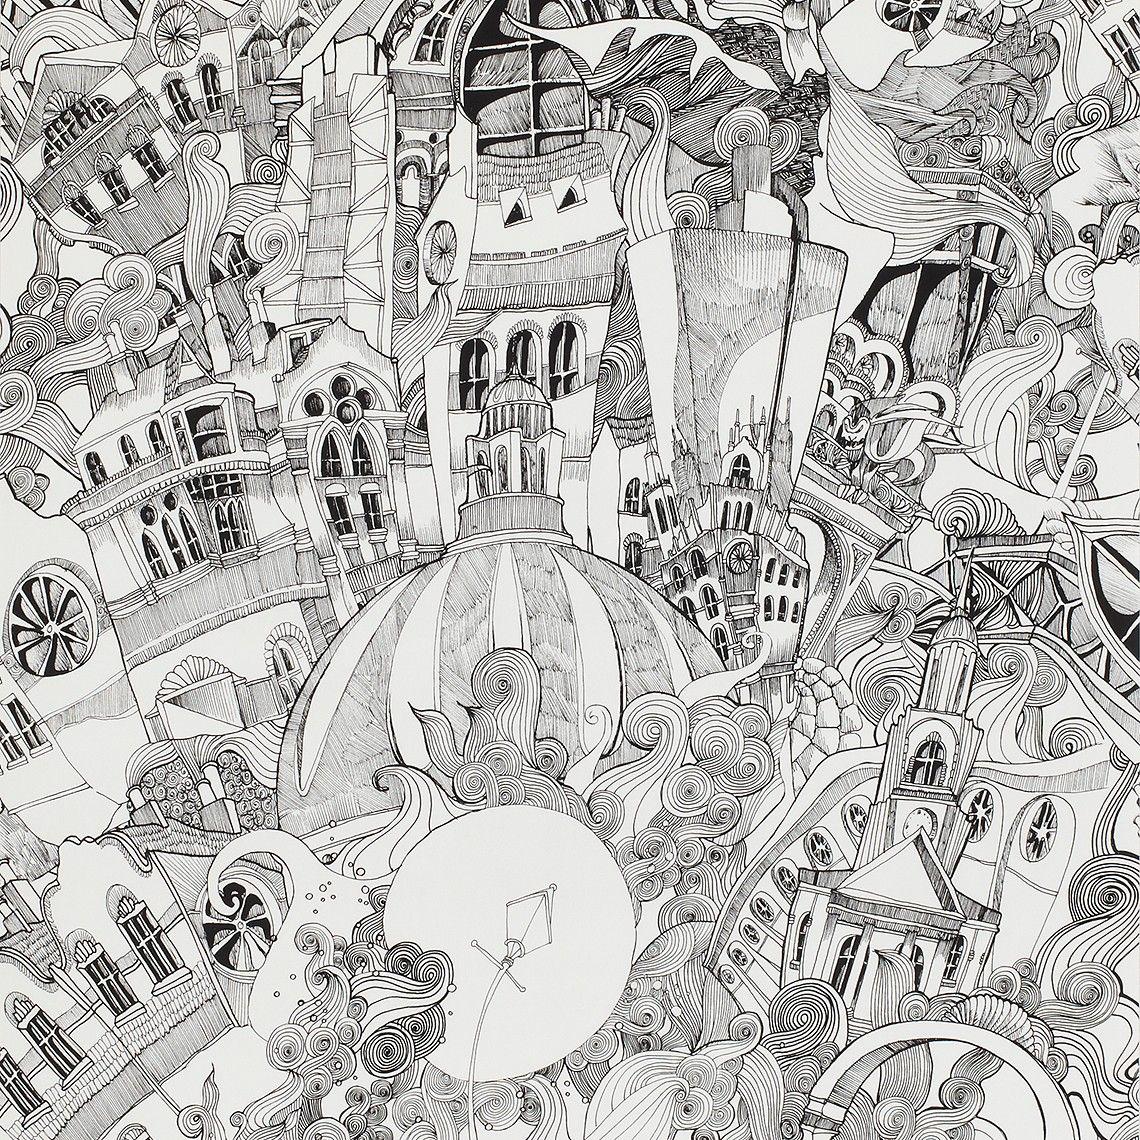 Papier peint BALTHAZAR intissé imitation dessin, noir et blanc ...